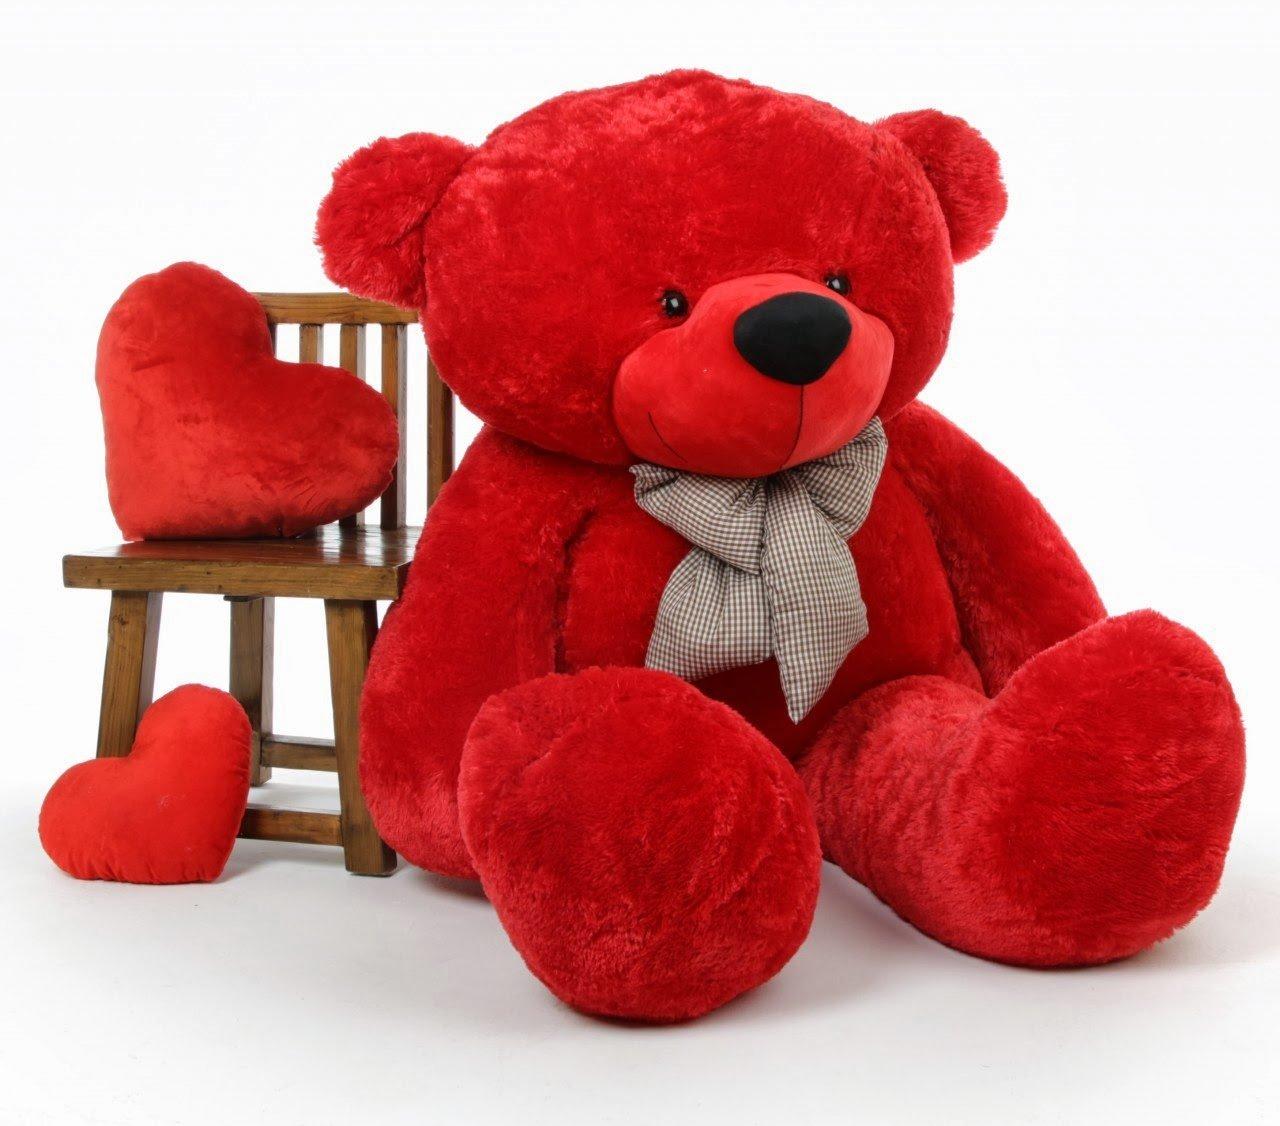 صورة صور دباديب وقلوب , الدبدوب والقلب من اجمل الهدايا